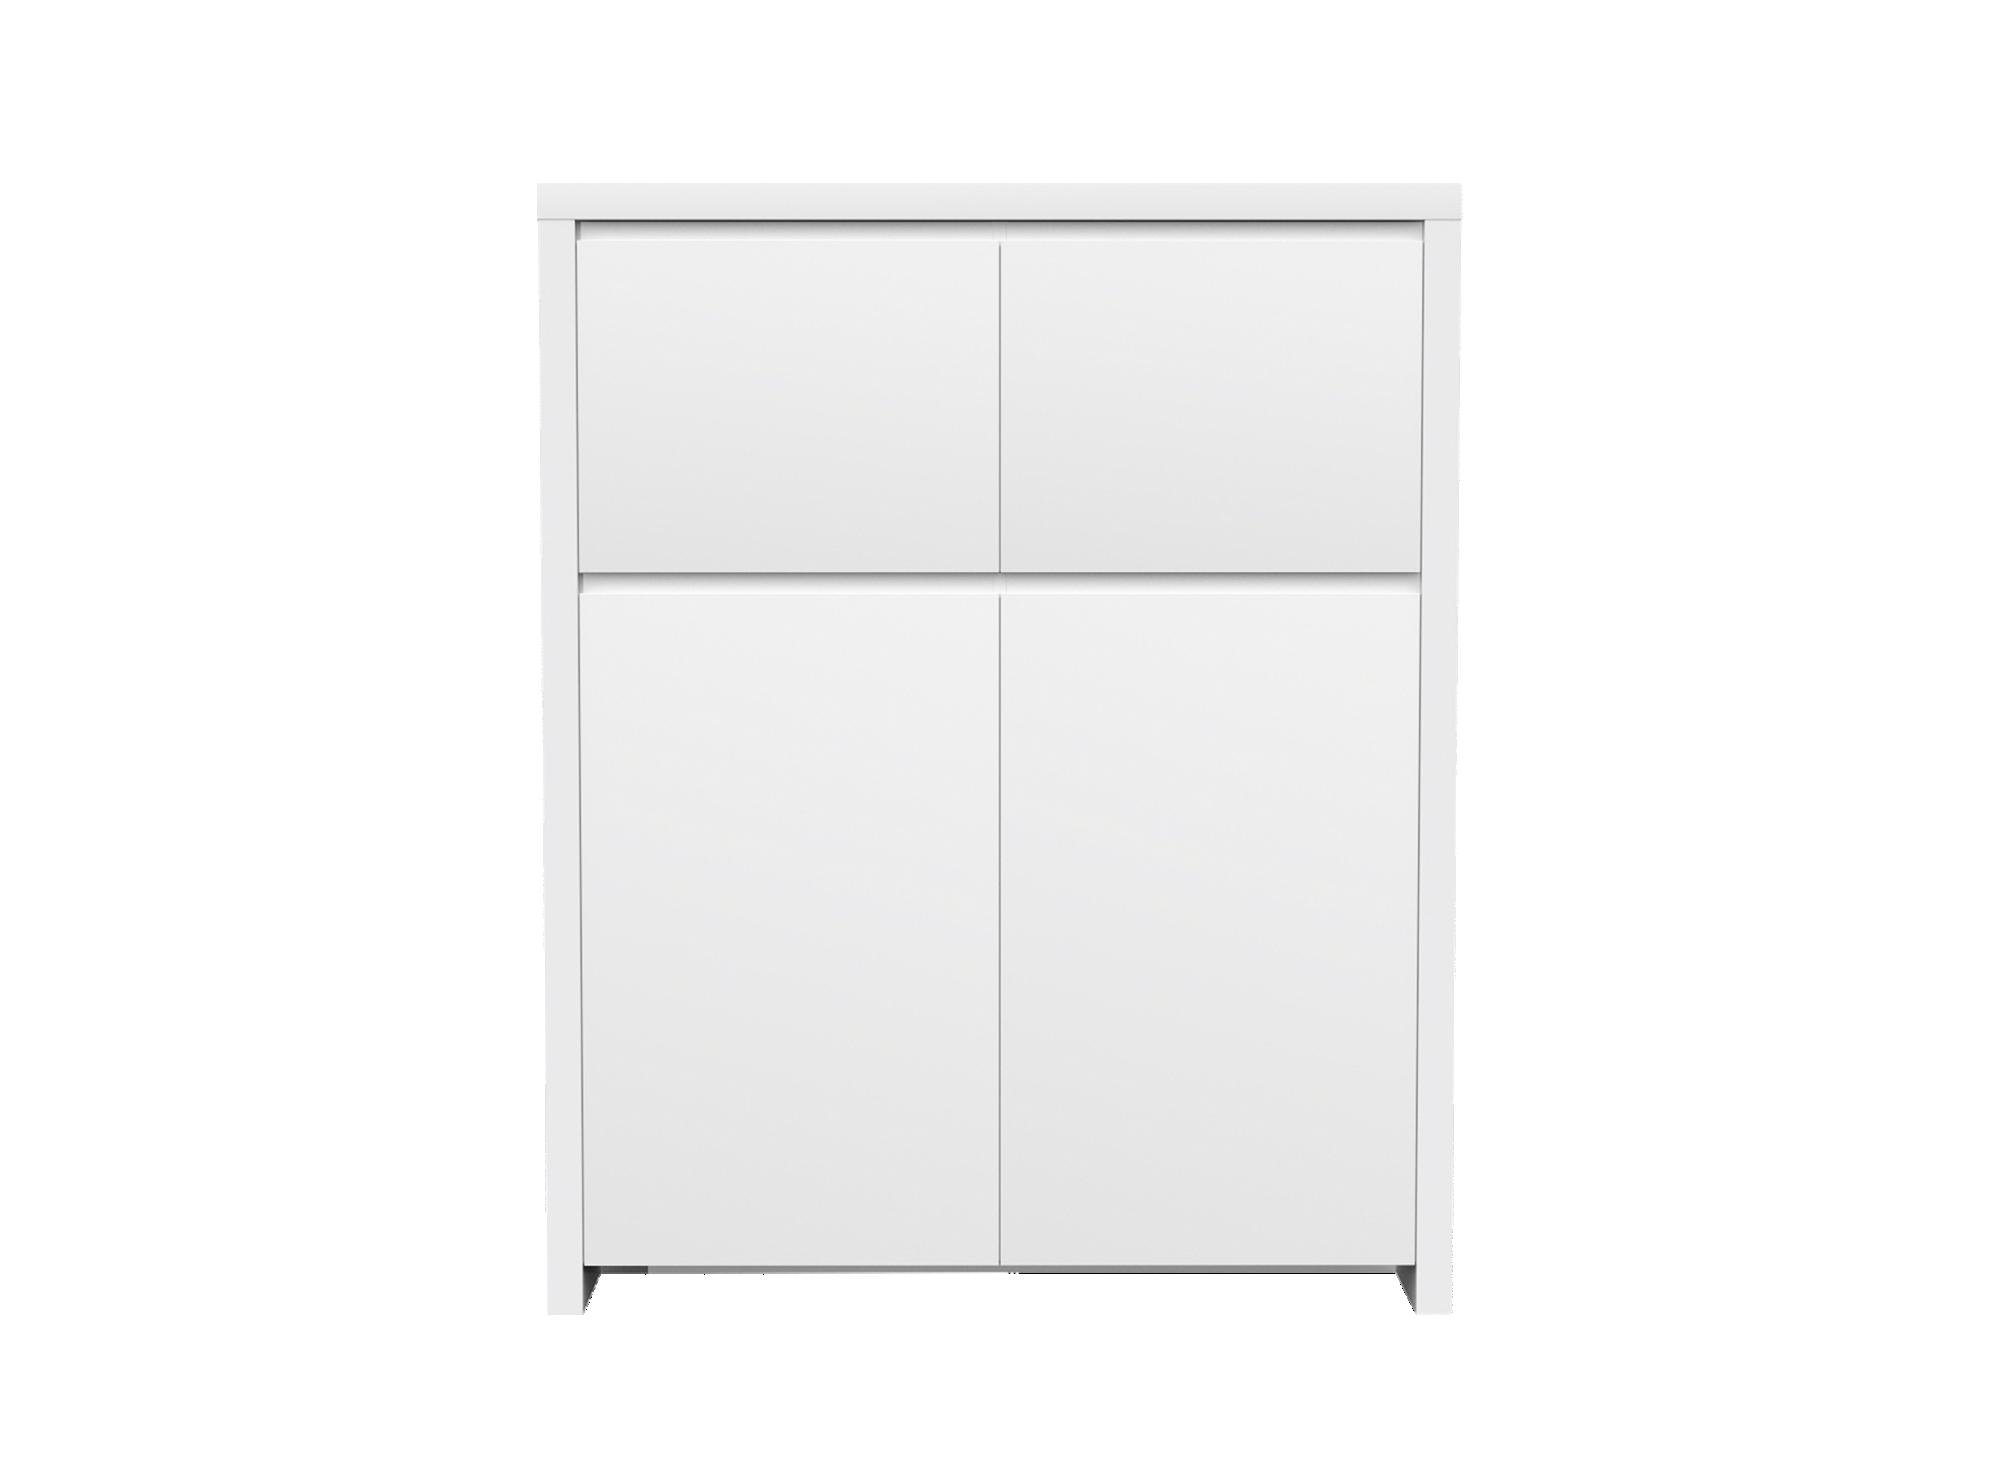 Rangement avec 2 petites et 2 grandes portes structure en panneau al ...